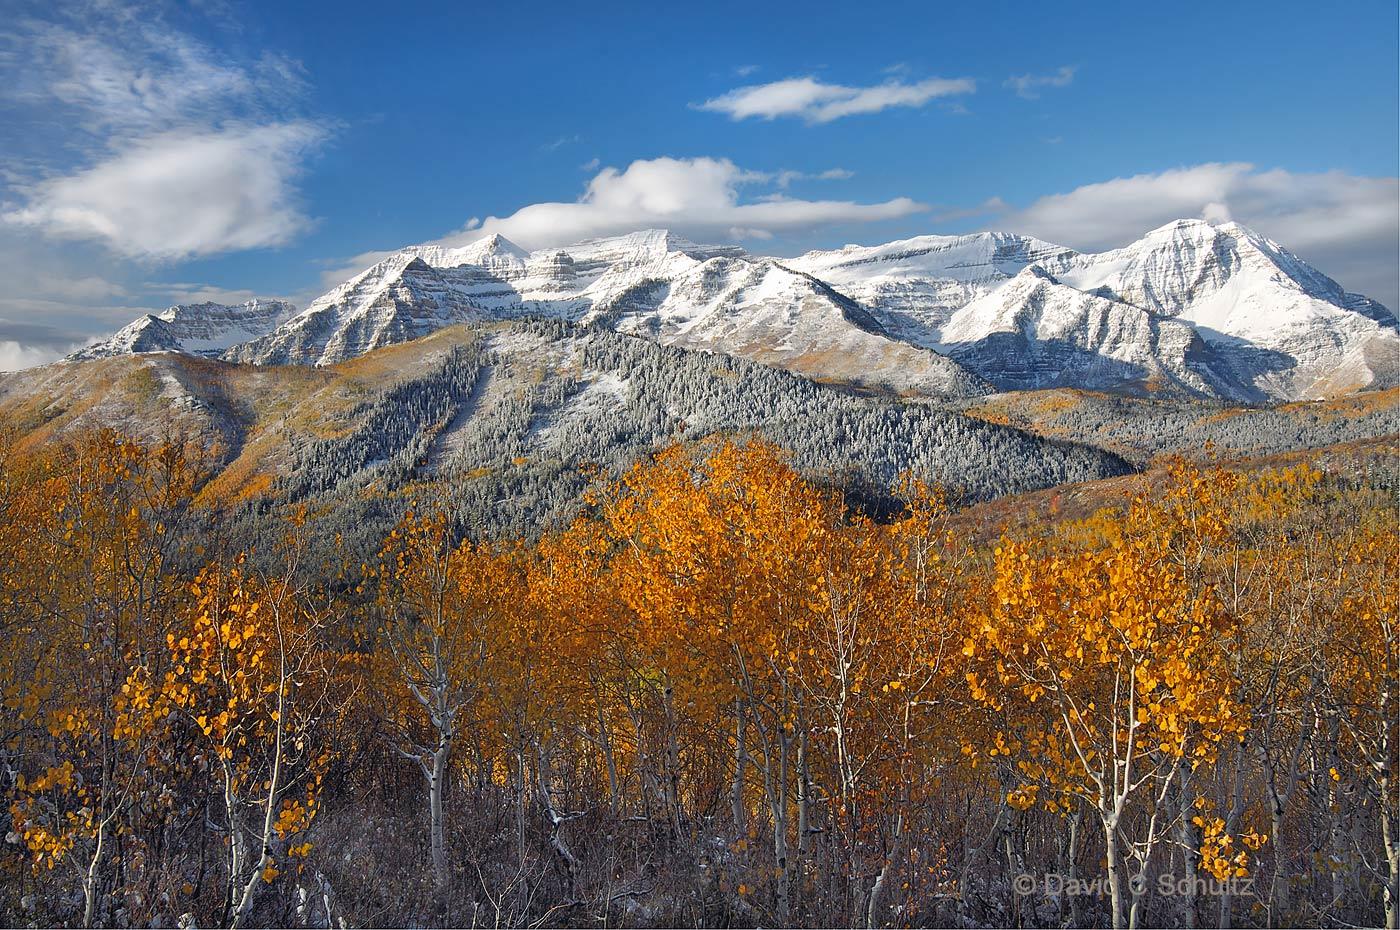 Autumn, Mount Timpanogos, UT - Image #148-1047